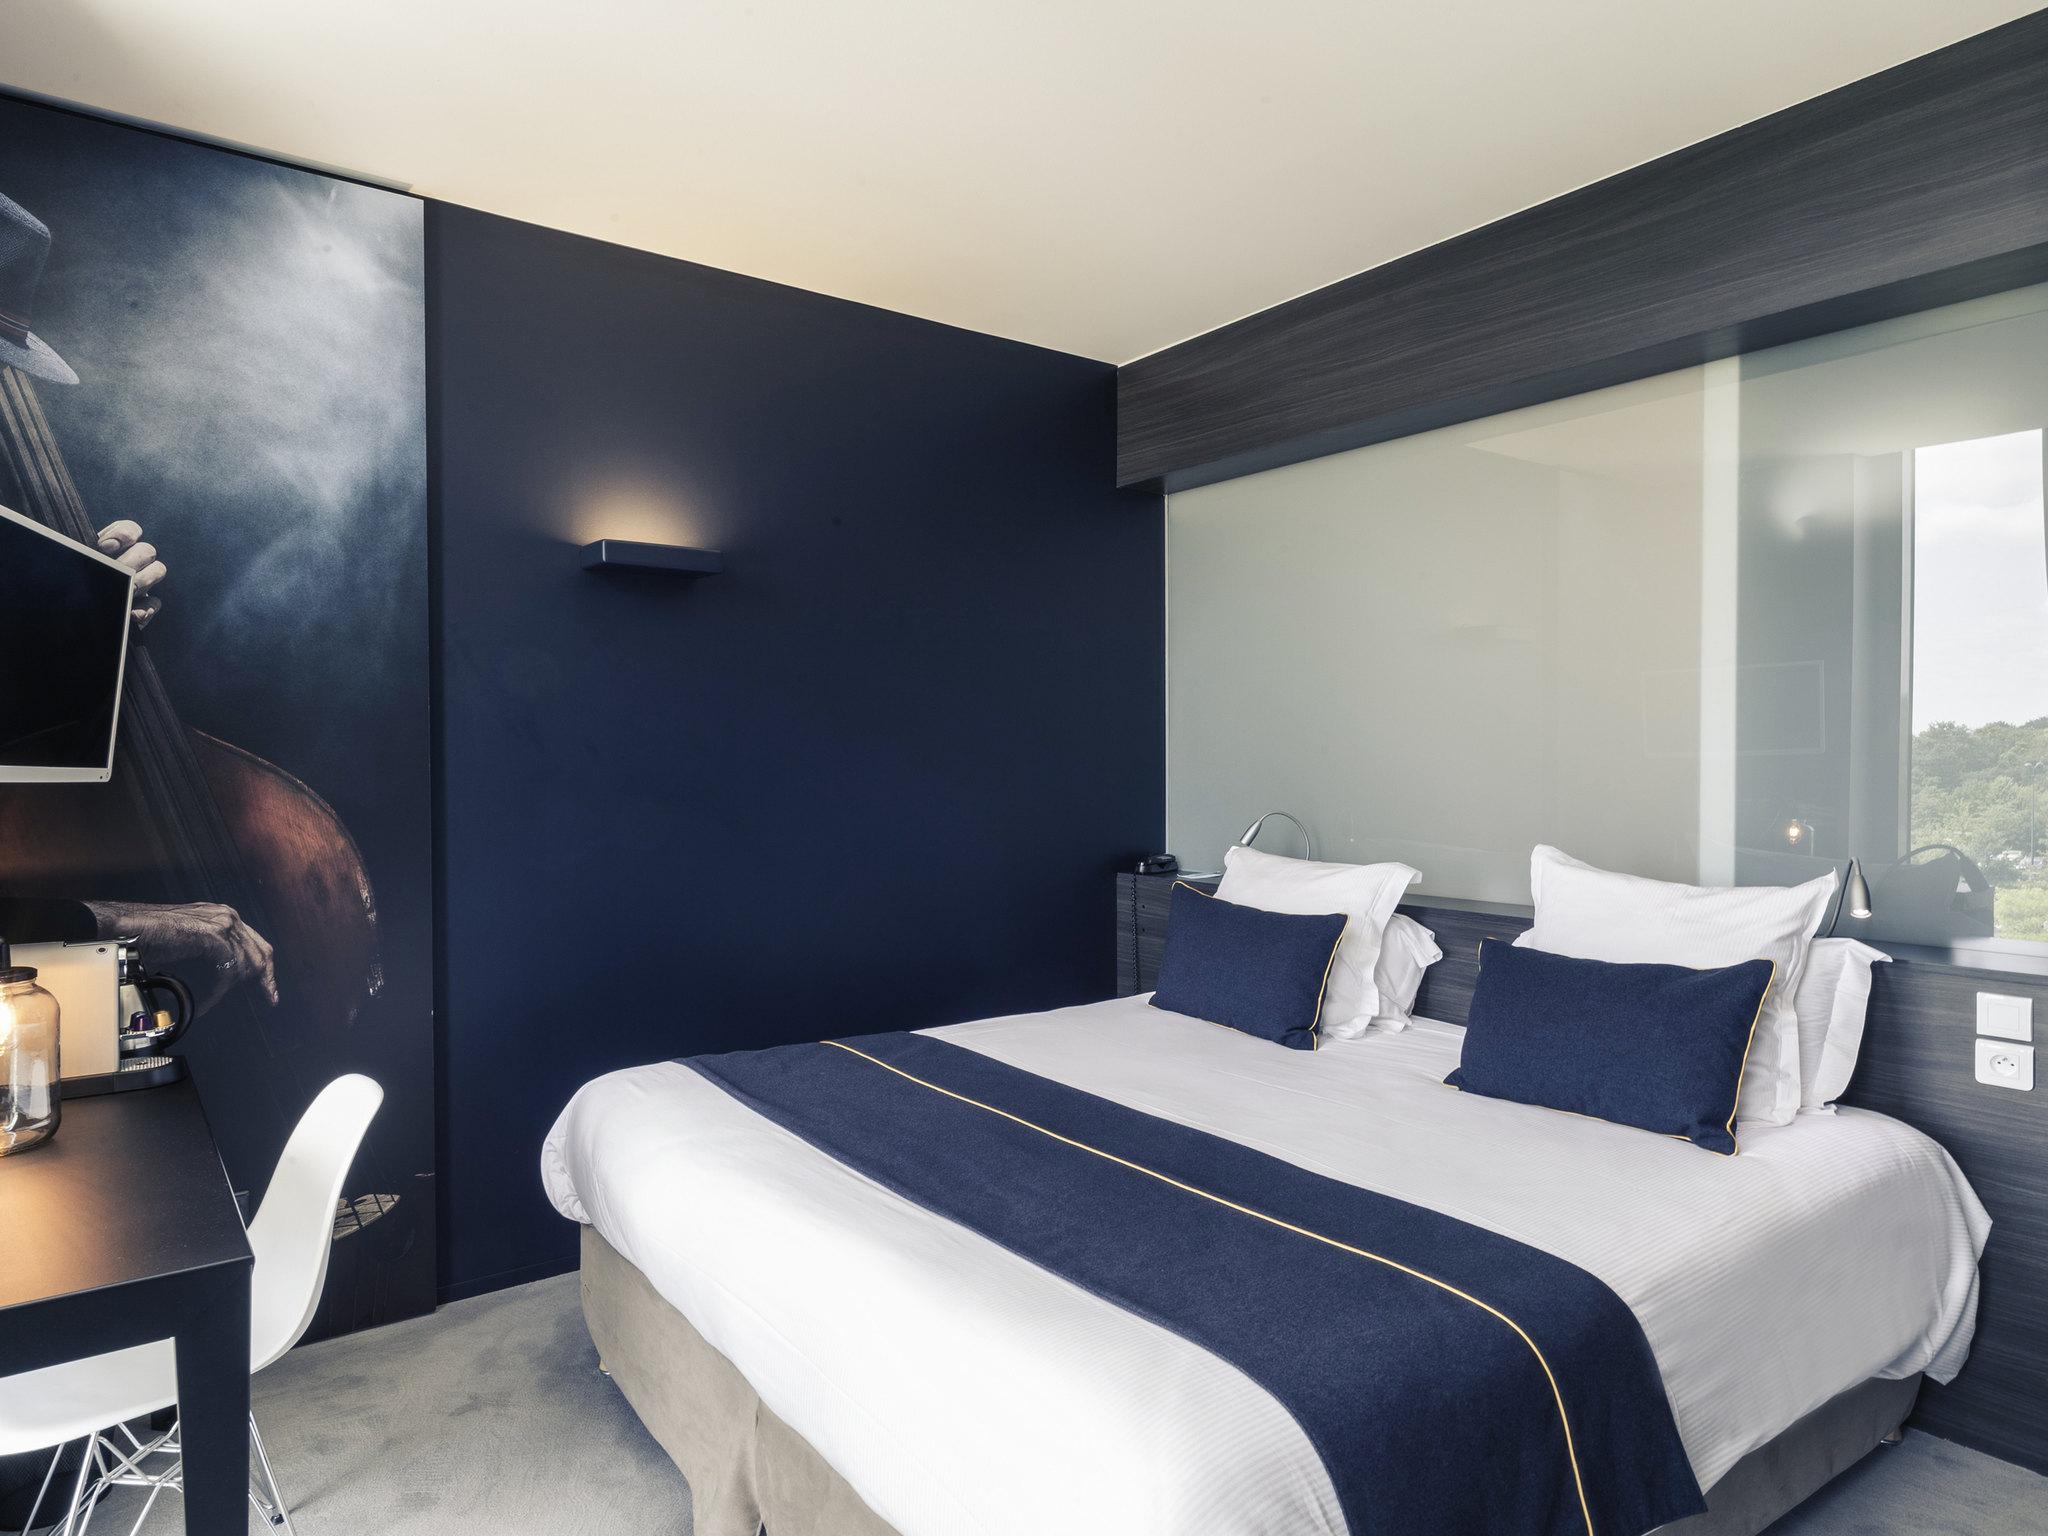 โรงแรม – Hôtel Mercure Zénith Nantes Saint-Herblain